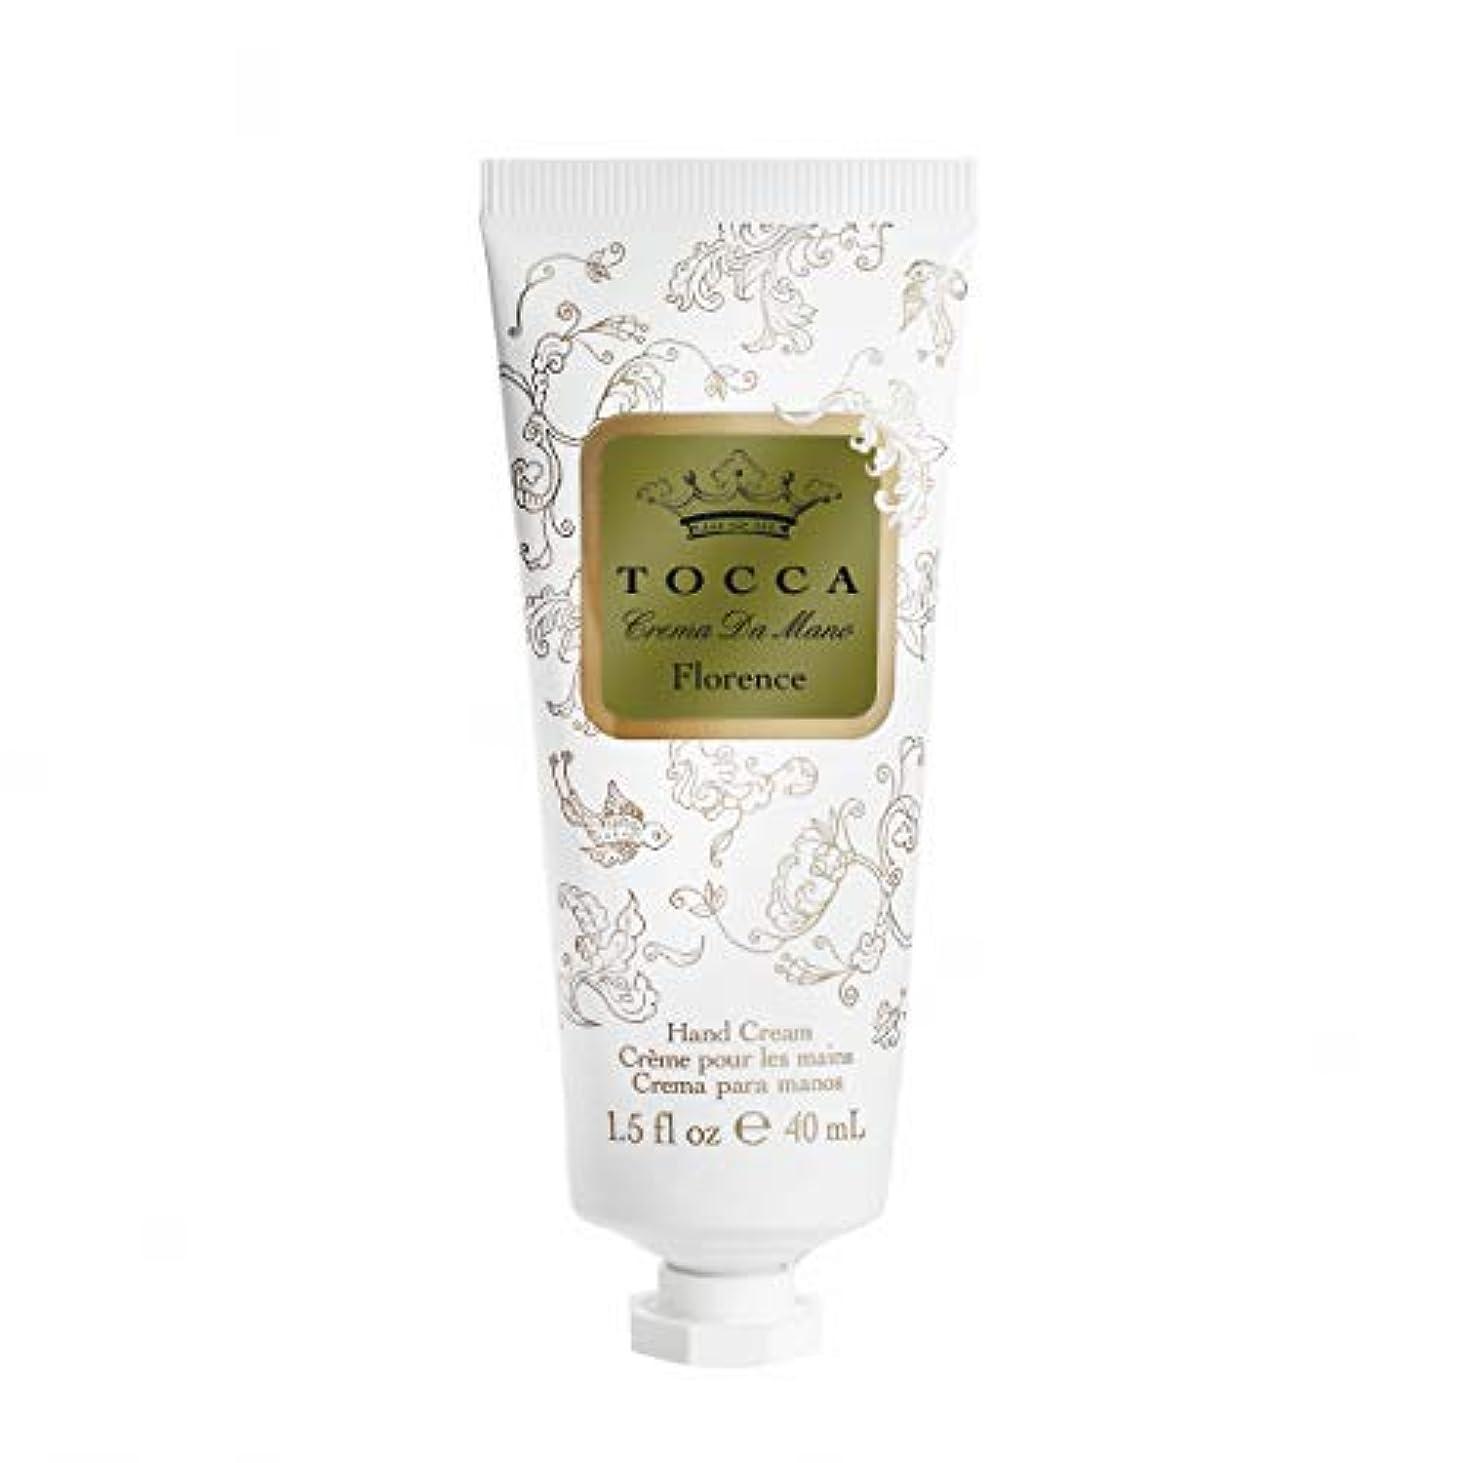 コショウ太字知覚するトッカ(TOCCA) ハンドクリーム フローレンスの香り 40mL (ガーデニアとベルガモットが誘うように溶け合うどこまでも上品なフローラルの香り)